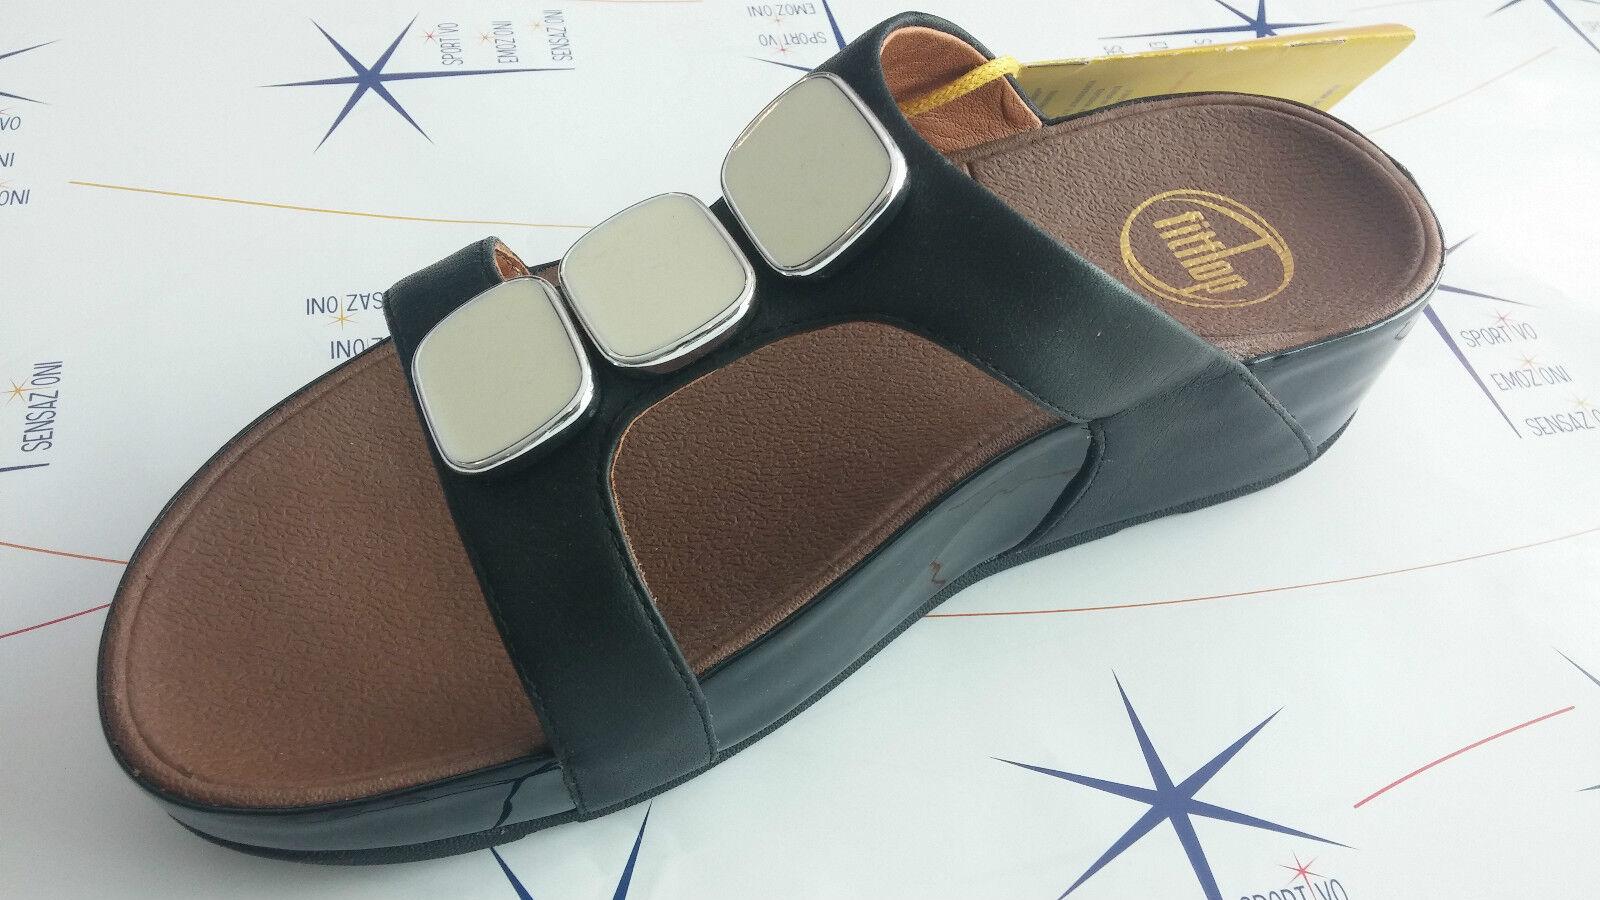 Zapatillas Mujer FitFlop Piedra II Diapositiva Charol En Negro 555 615